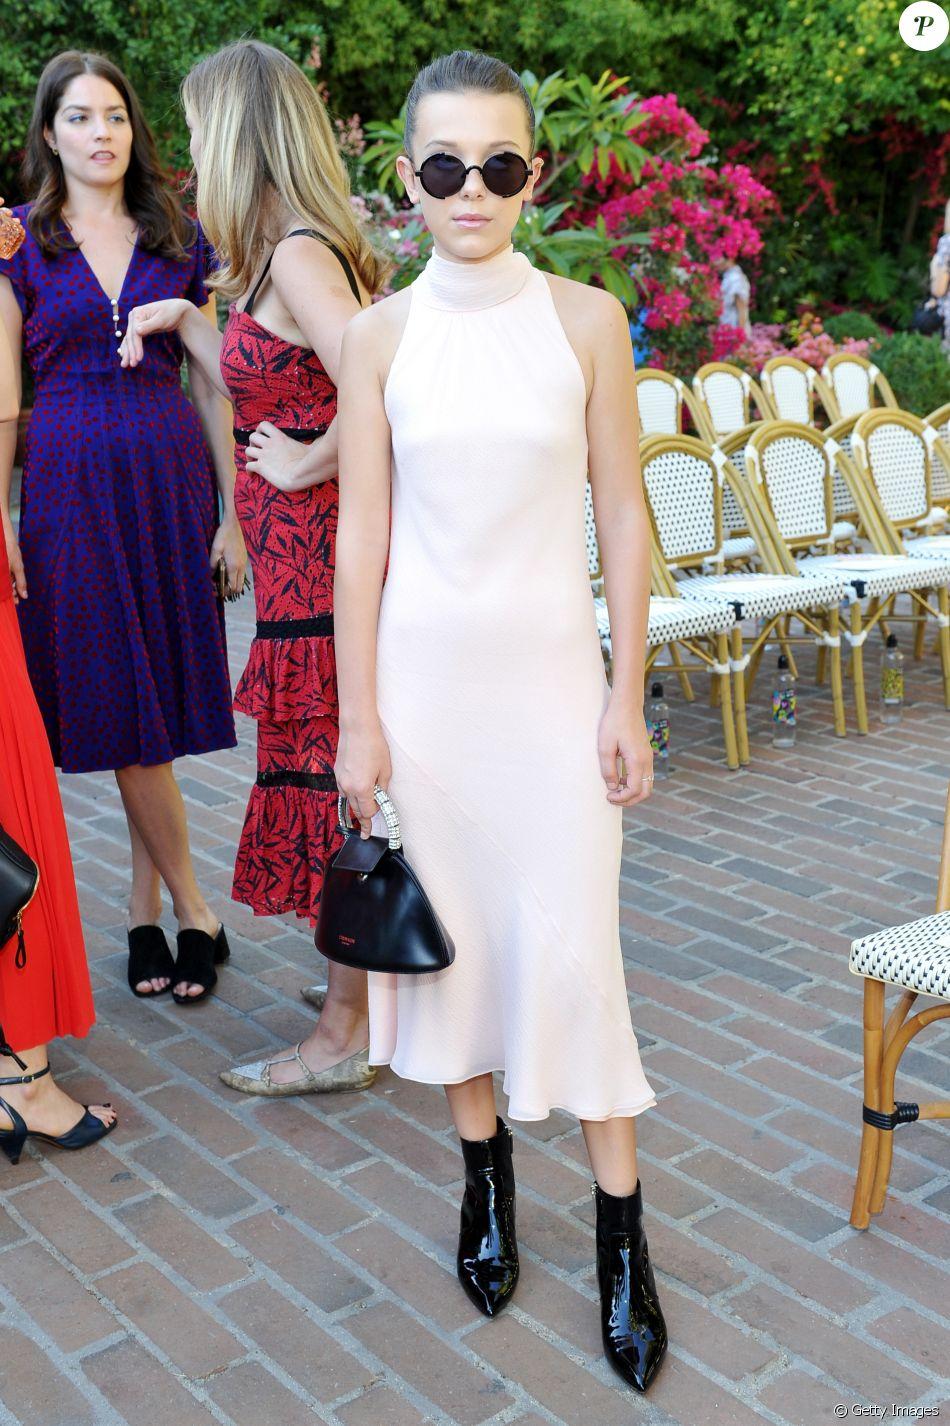 f6603495c3849 Millie Bobby Brownsurgiu cheia de estilo em evento da revista  Vogue  em  Los Angeles